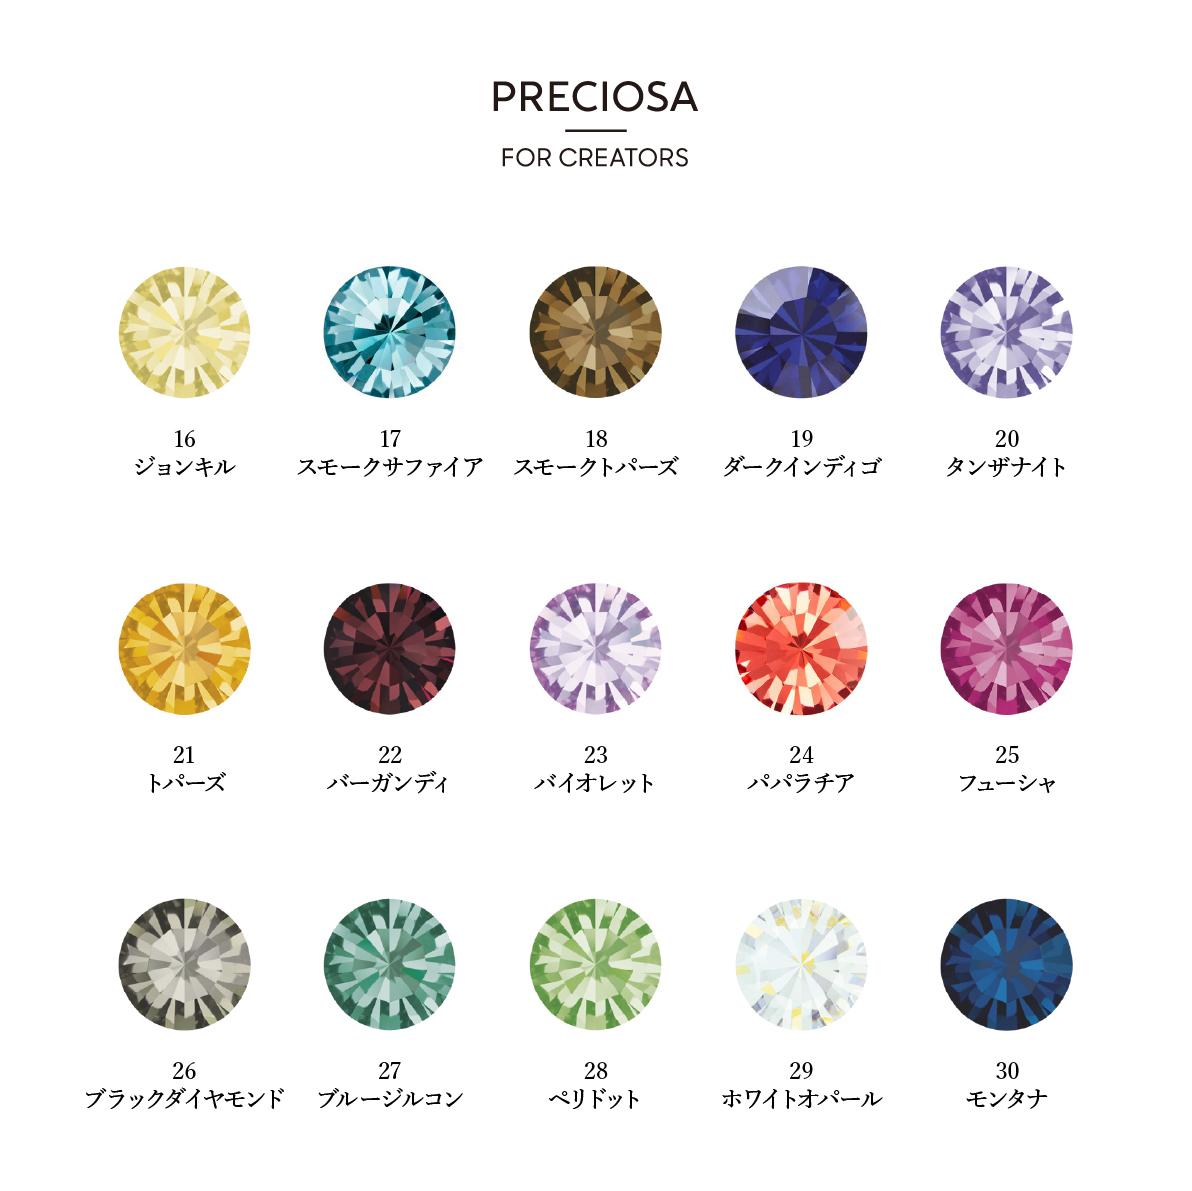 PP18 No.2(シ〜モ) 10グロスパック プレシオサ PRECIOSA チャトン【グルーデコ®️】